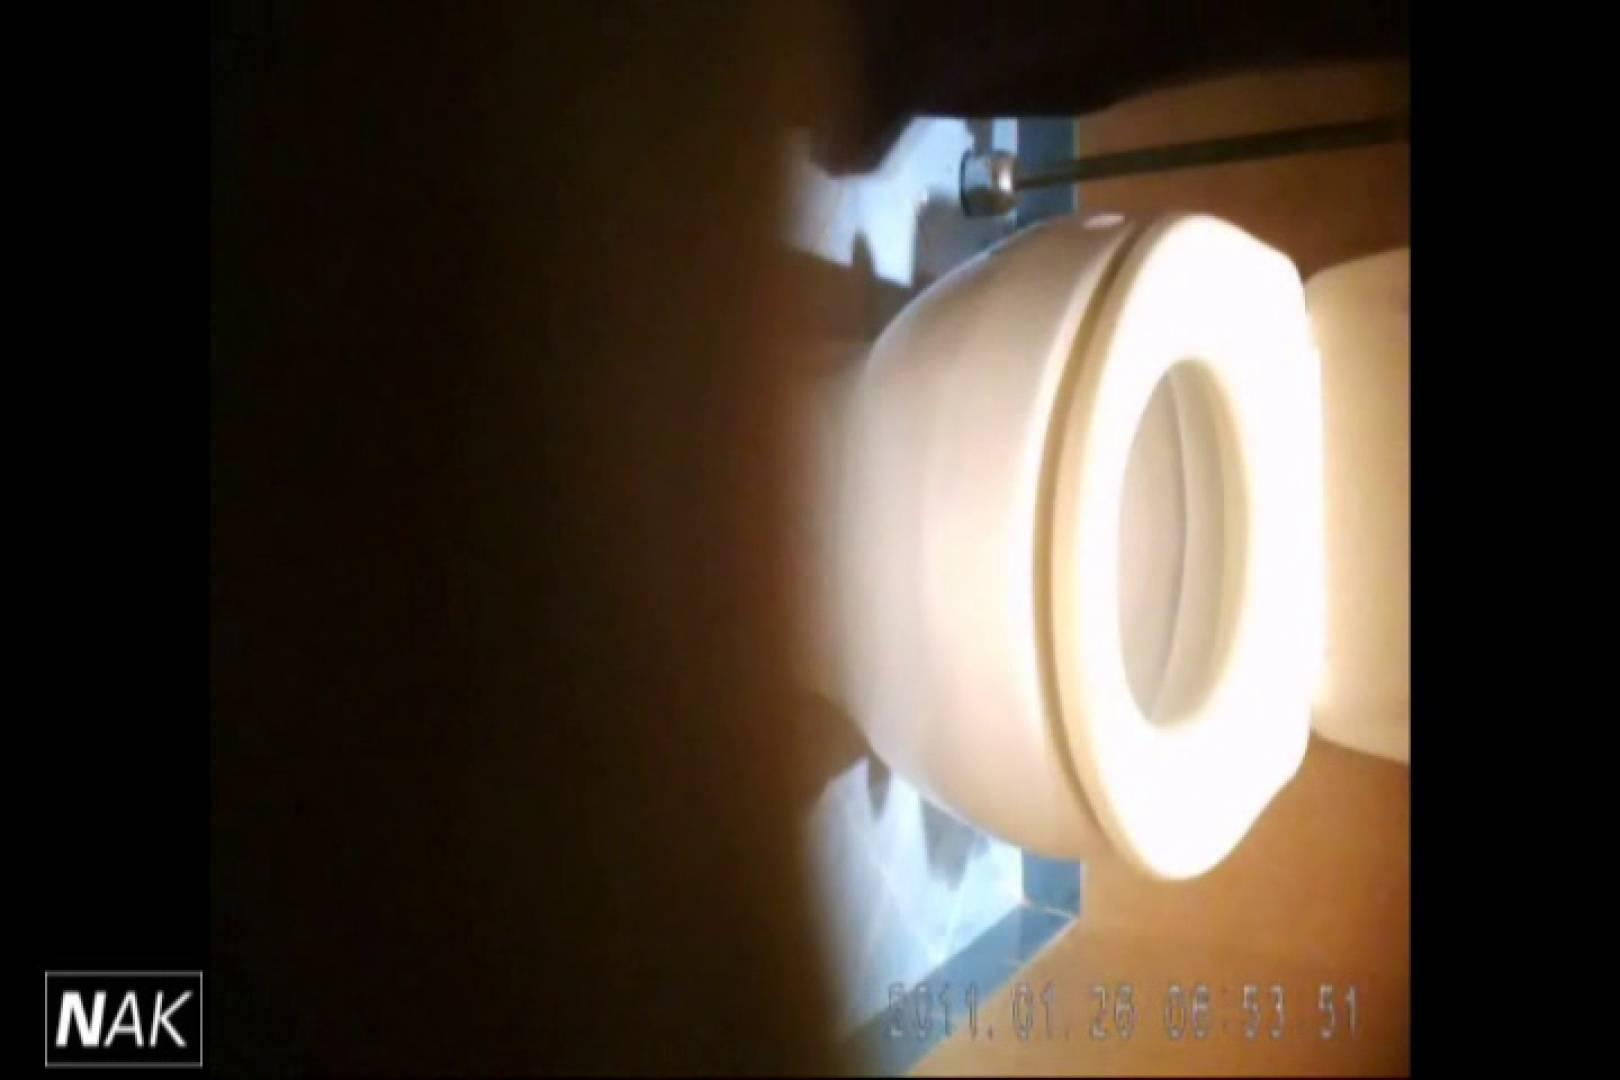 せん八さんの厠観察日記!2点監視カメラ 高画質5000K vol.11 高画質 オメコ動画キャプチャ 82pic 8